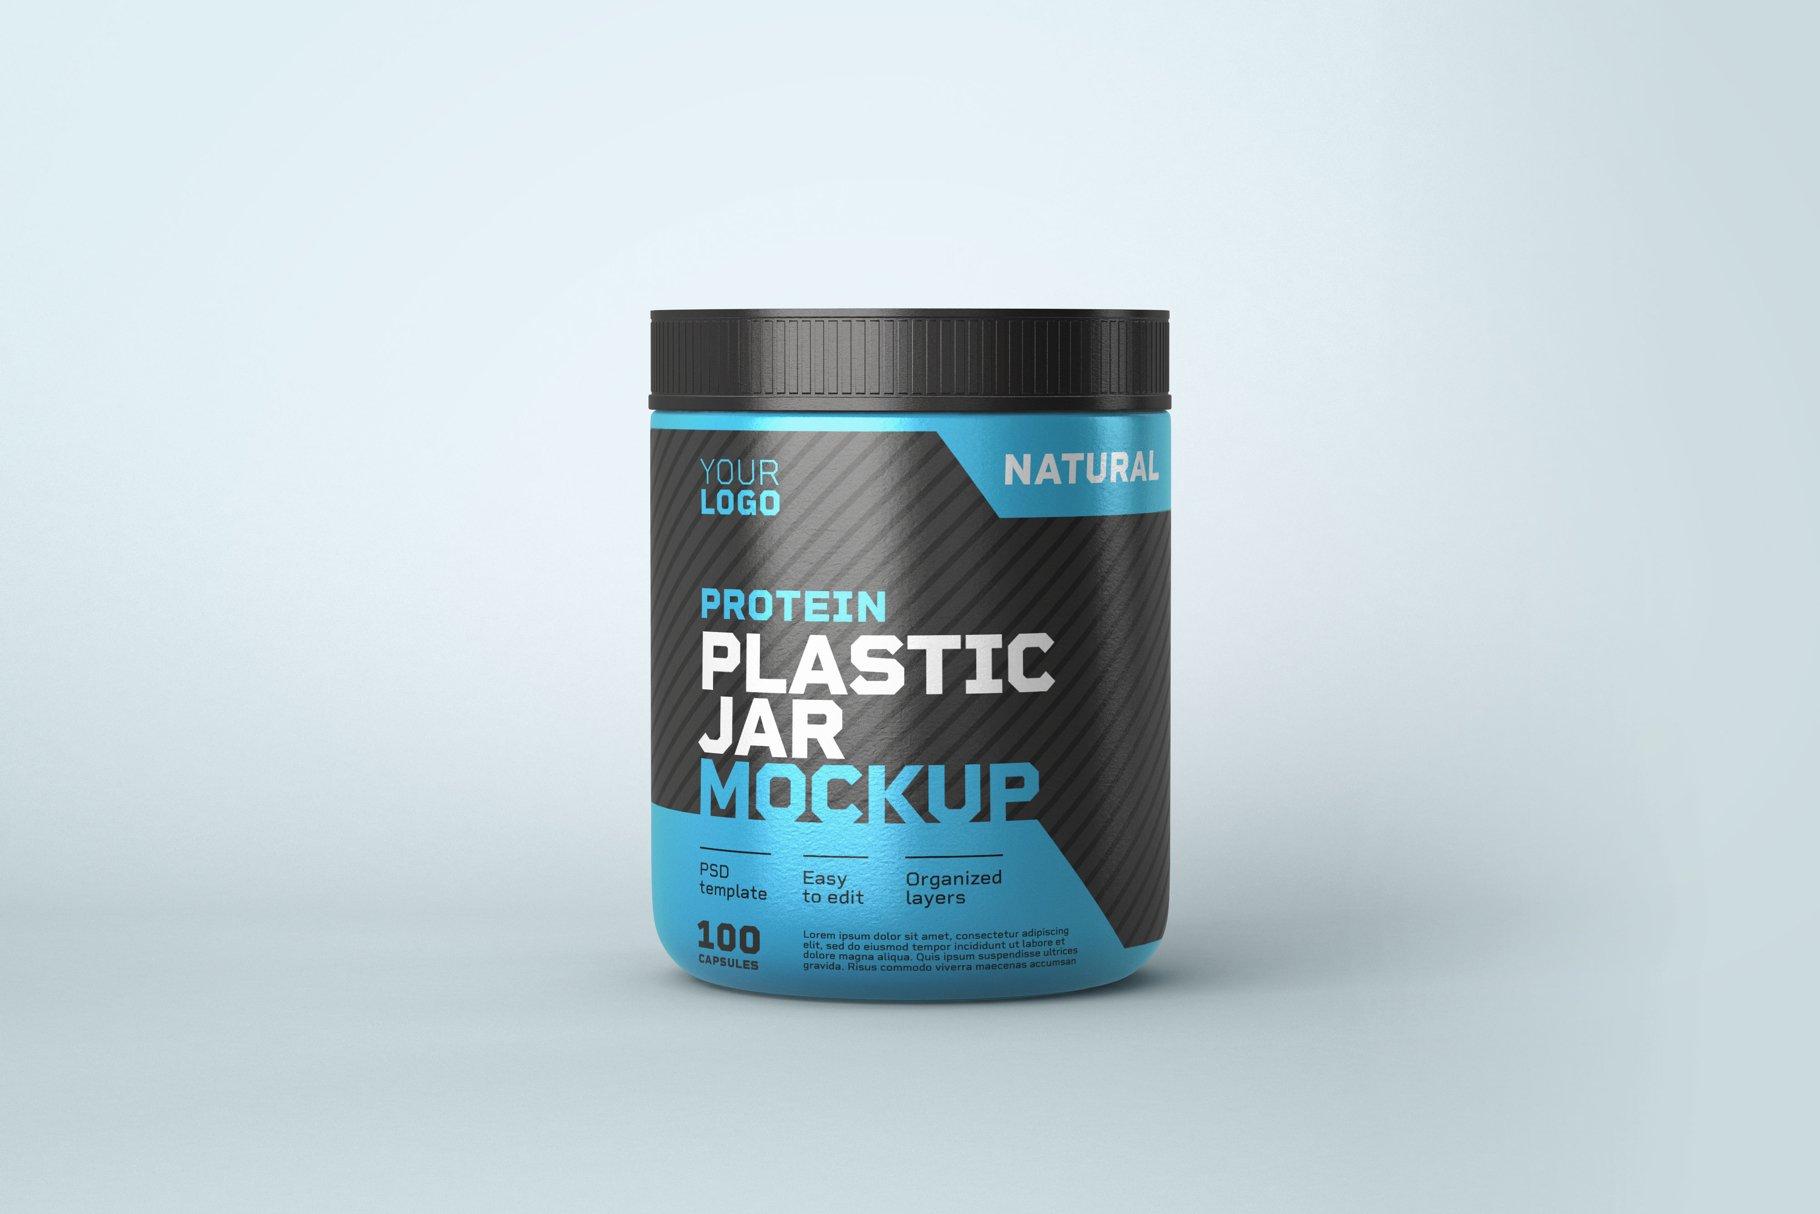 10款食物塑料罐标签设计展示样机模板 Food Supplement Plastic Jar Mockup插图(9)